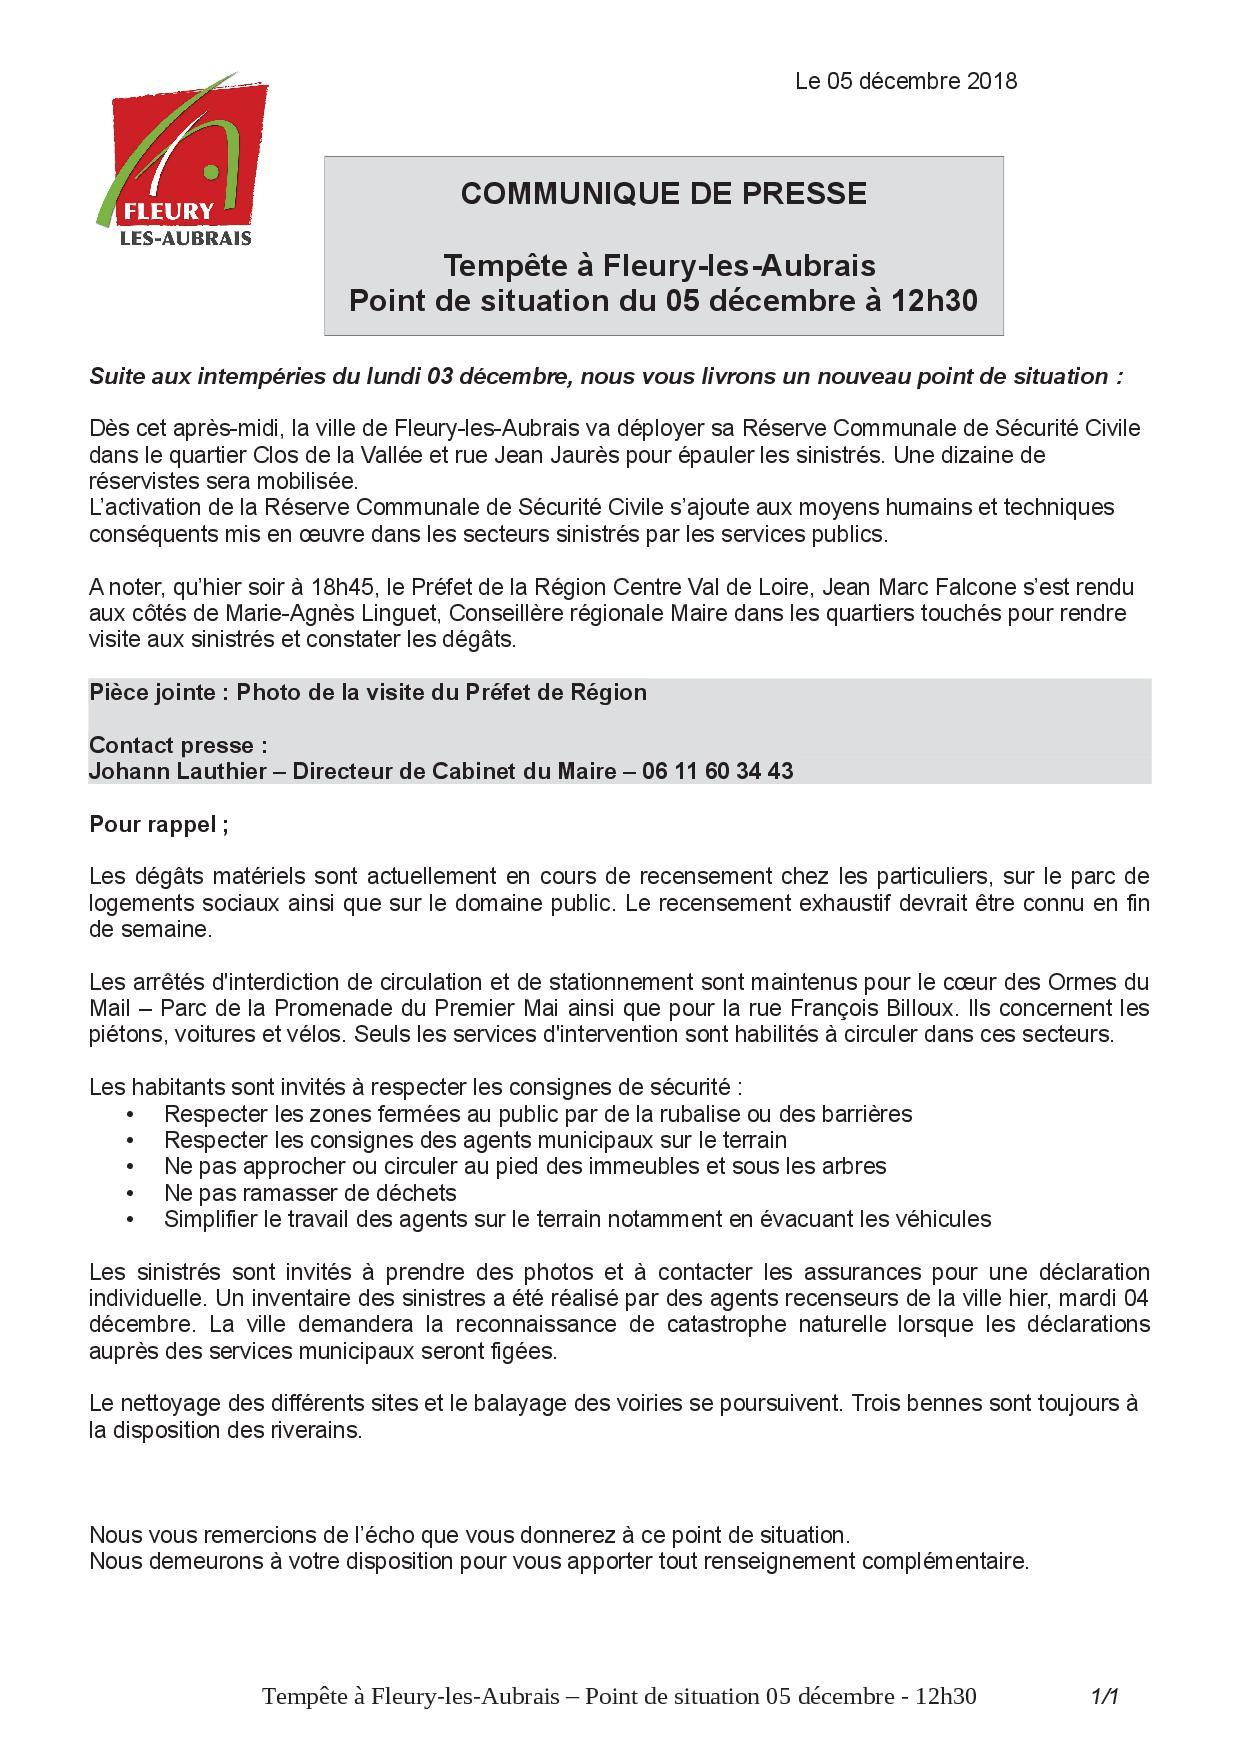 CP Tempête à Fleury-les-Aubrais - Point de situation n°4 - 05-12 - 12h30.jpg